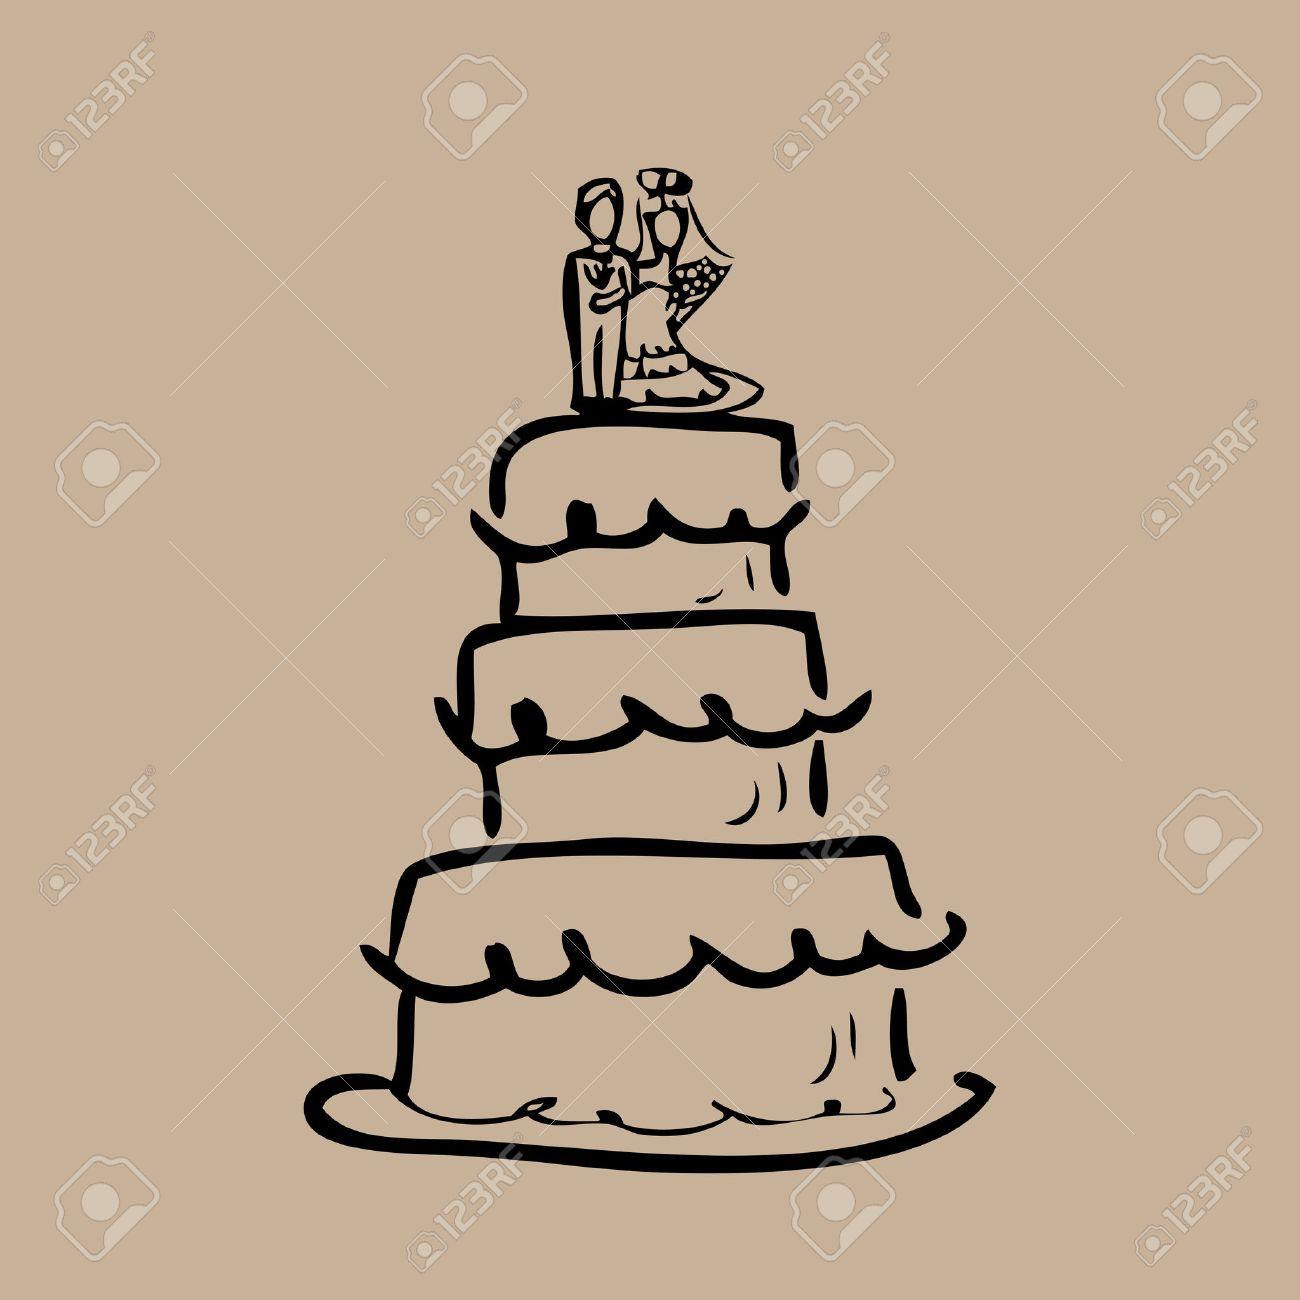 Hochzeitstorte Braut Und Brautigam Cartoon Vektor Lizenzfrei